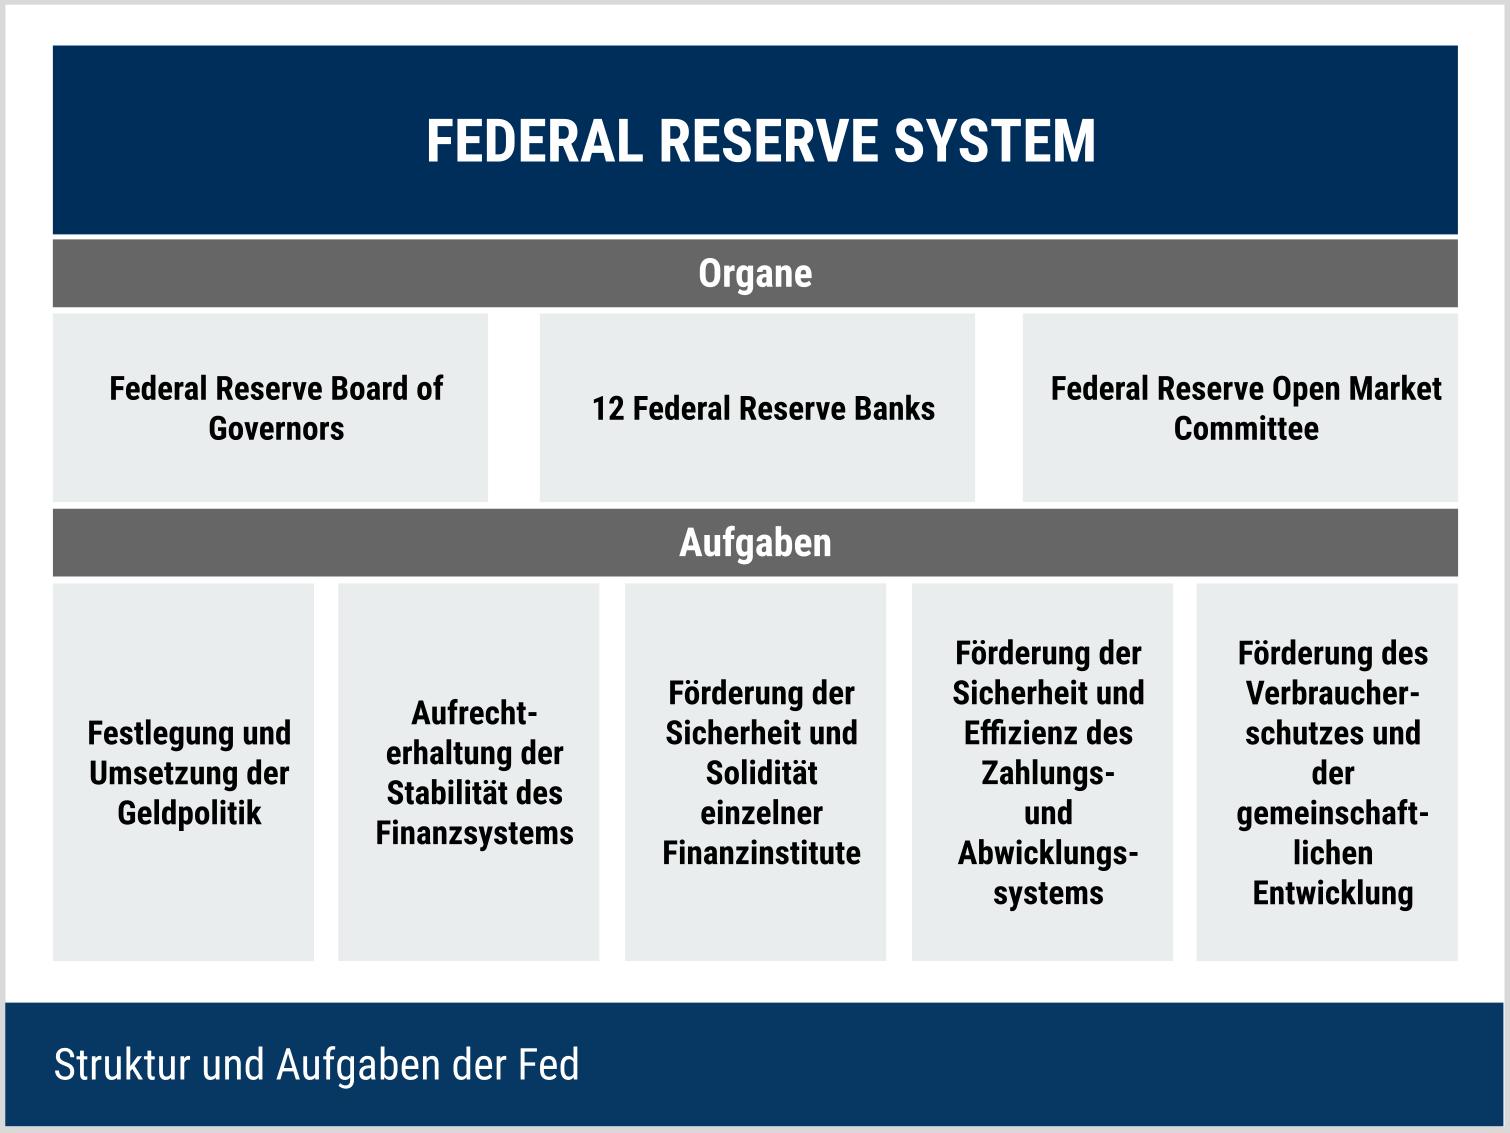 Struktur und Aufgaben der Fed